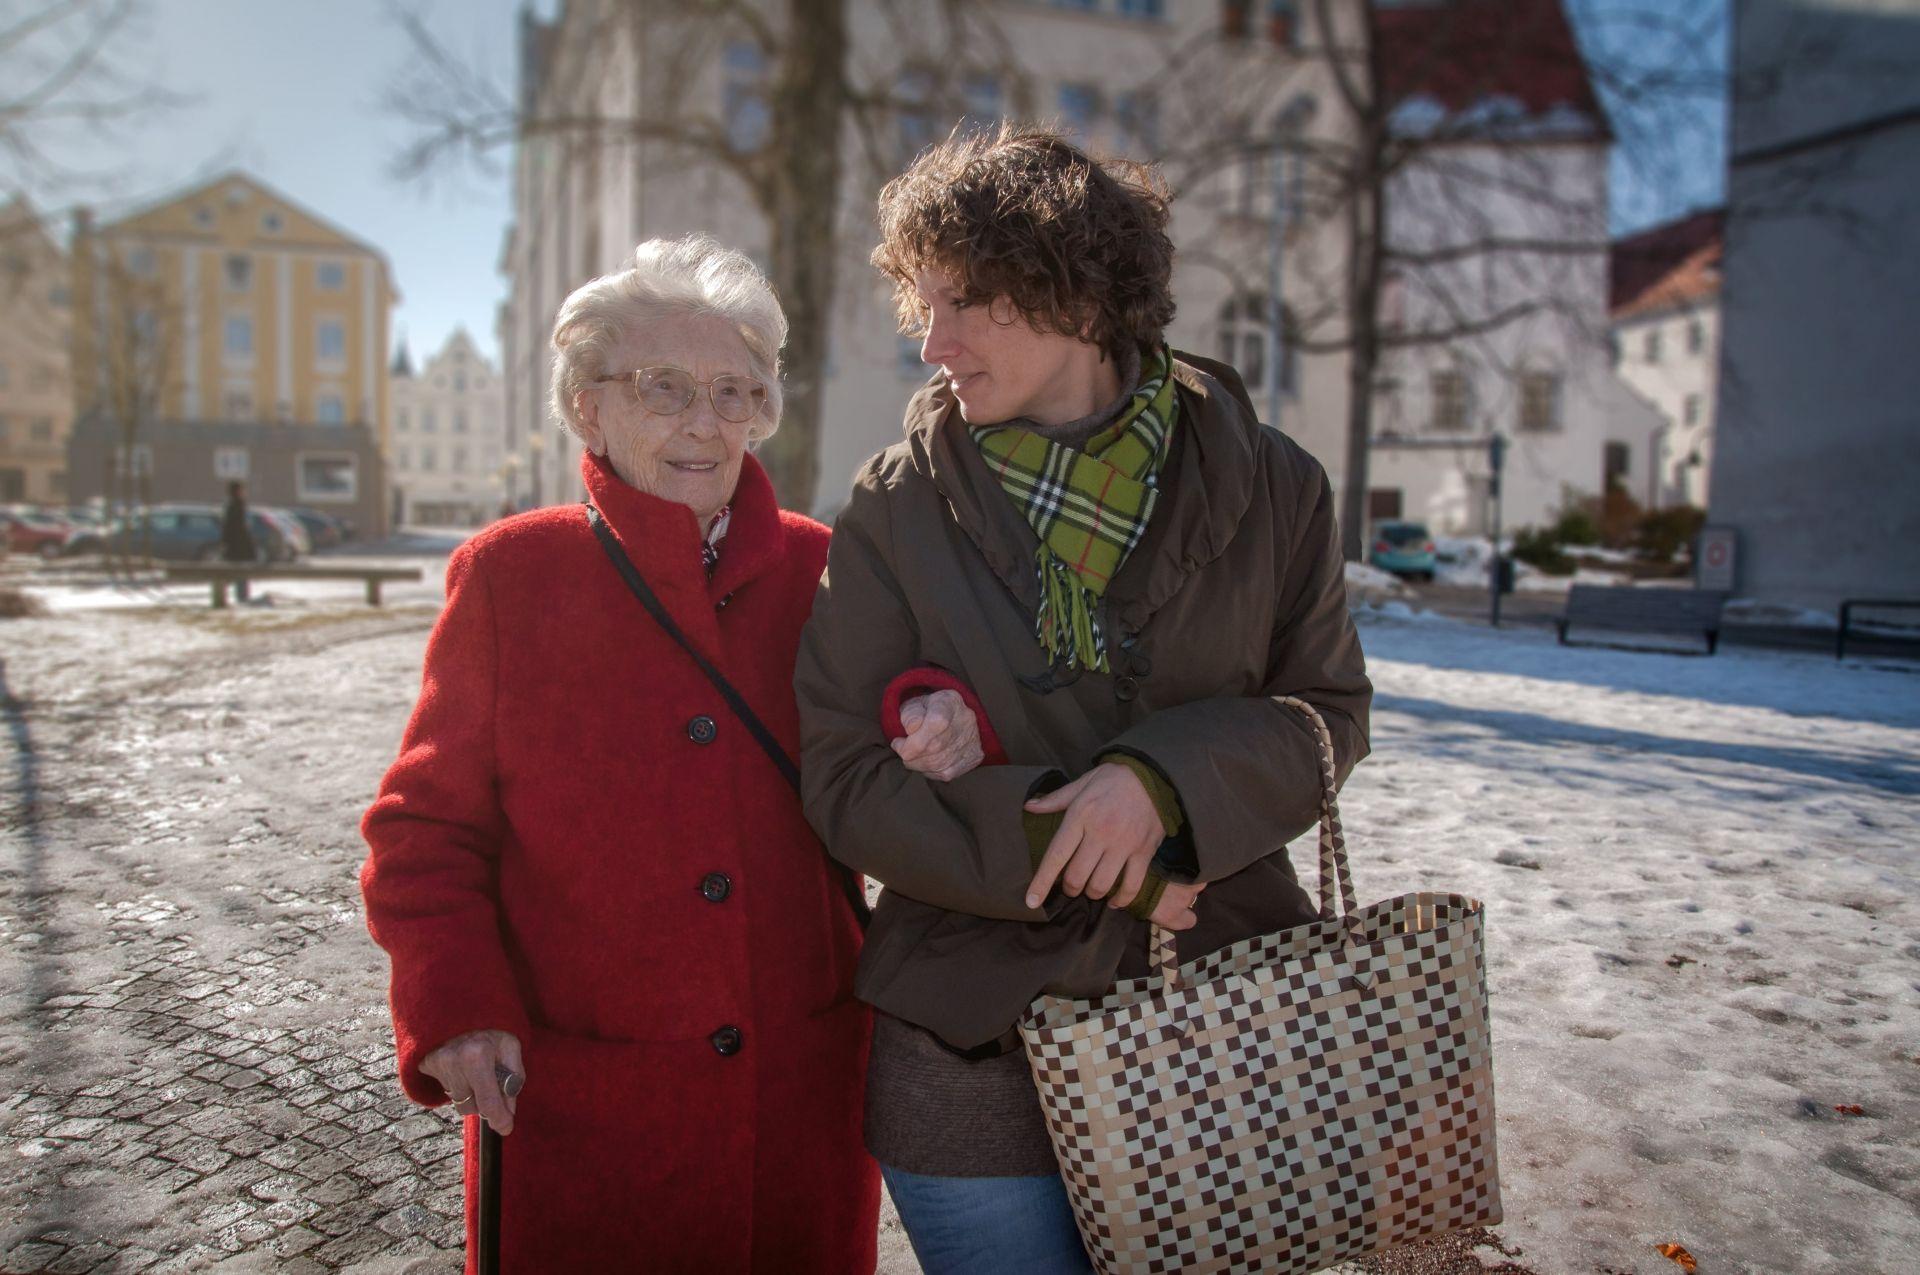 24-h-Seniorenbetreuung in eigenen vier wänden